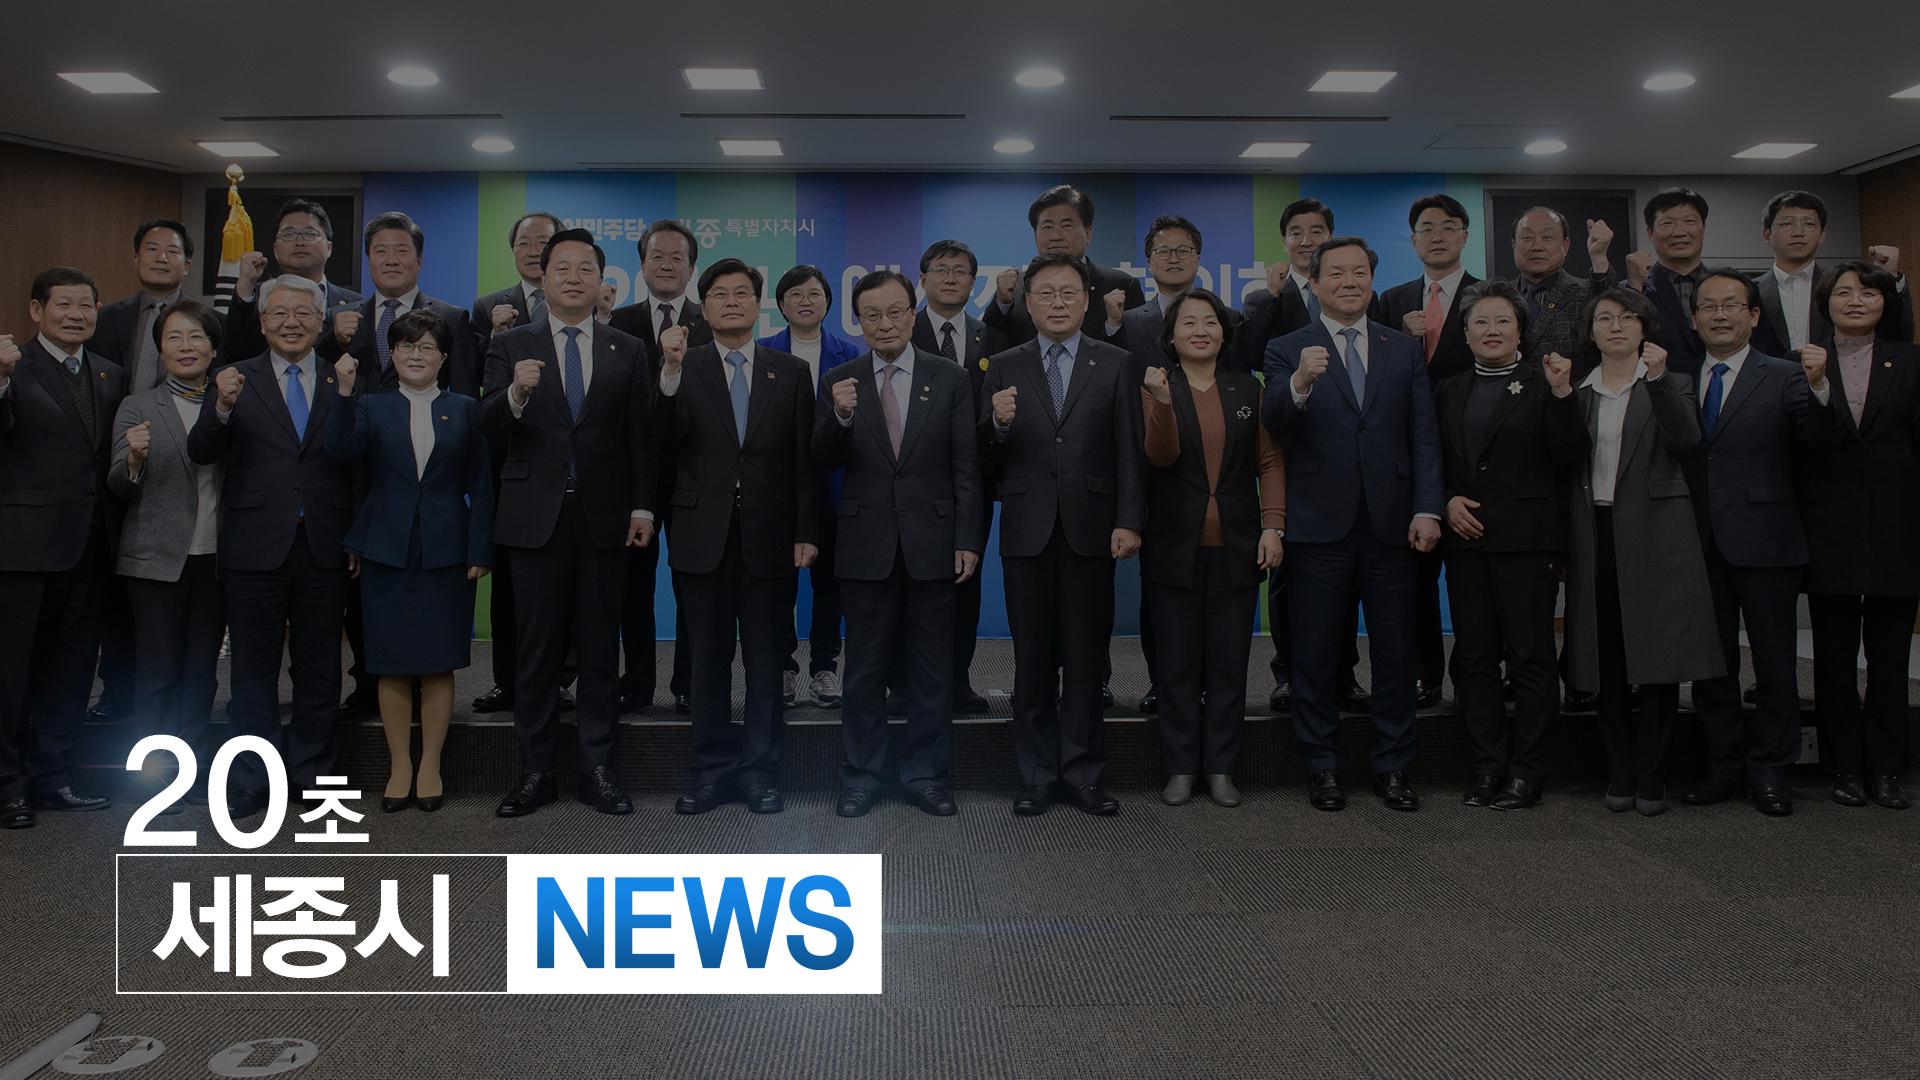 <20초뉴스> 세종시-민주당'행정수도 완성'보조 맞춘다